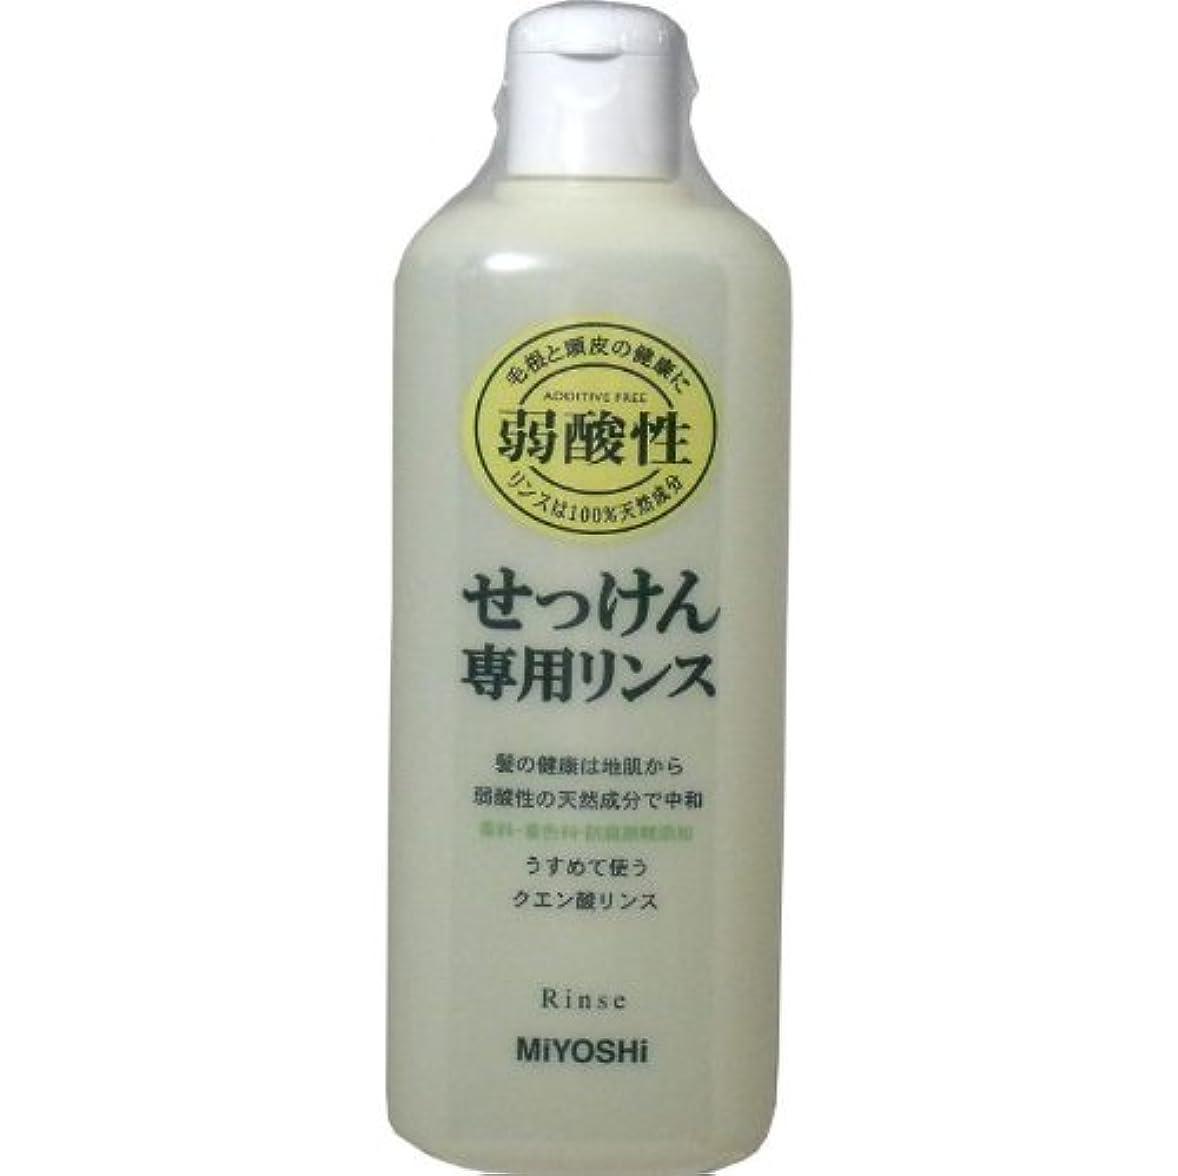 電気の中傷平和髪の健康は地肌から、弱酸性の天然成分で中和!!香料、防腐剤、着色料無添加!うすめて使うクエン酸リンス!リンス 350mL【4個セット】